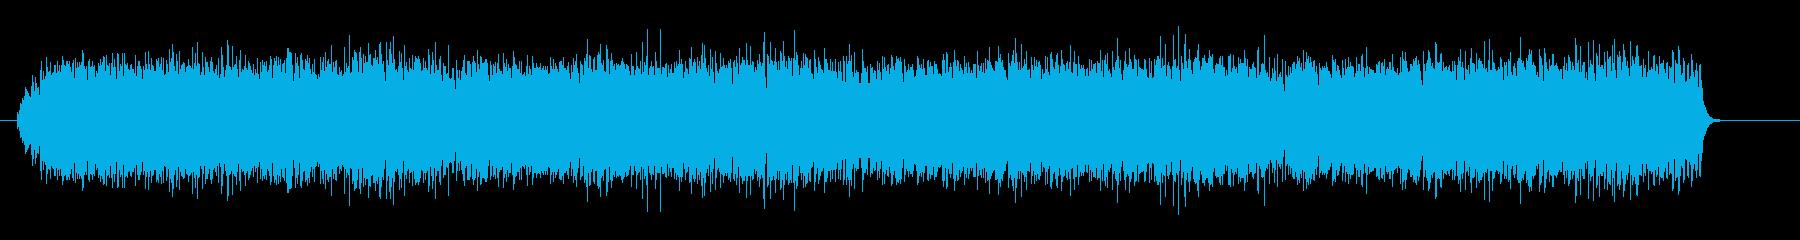 木琴と鳥の声のミニマルの再生済みの波形